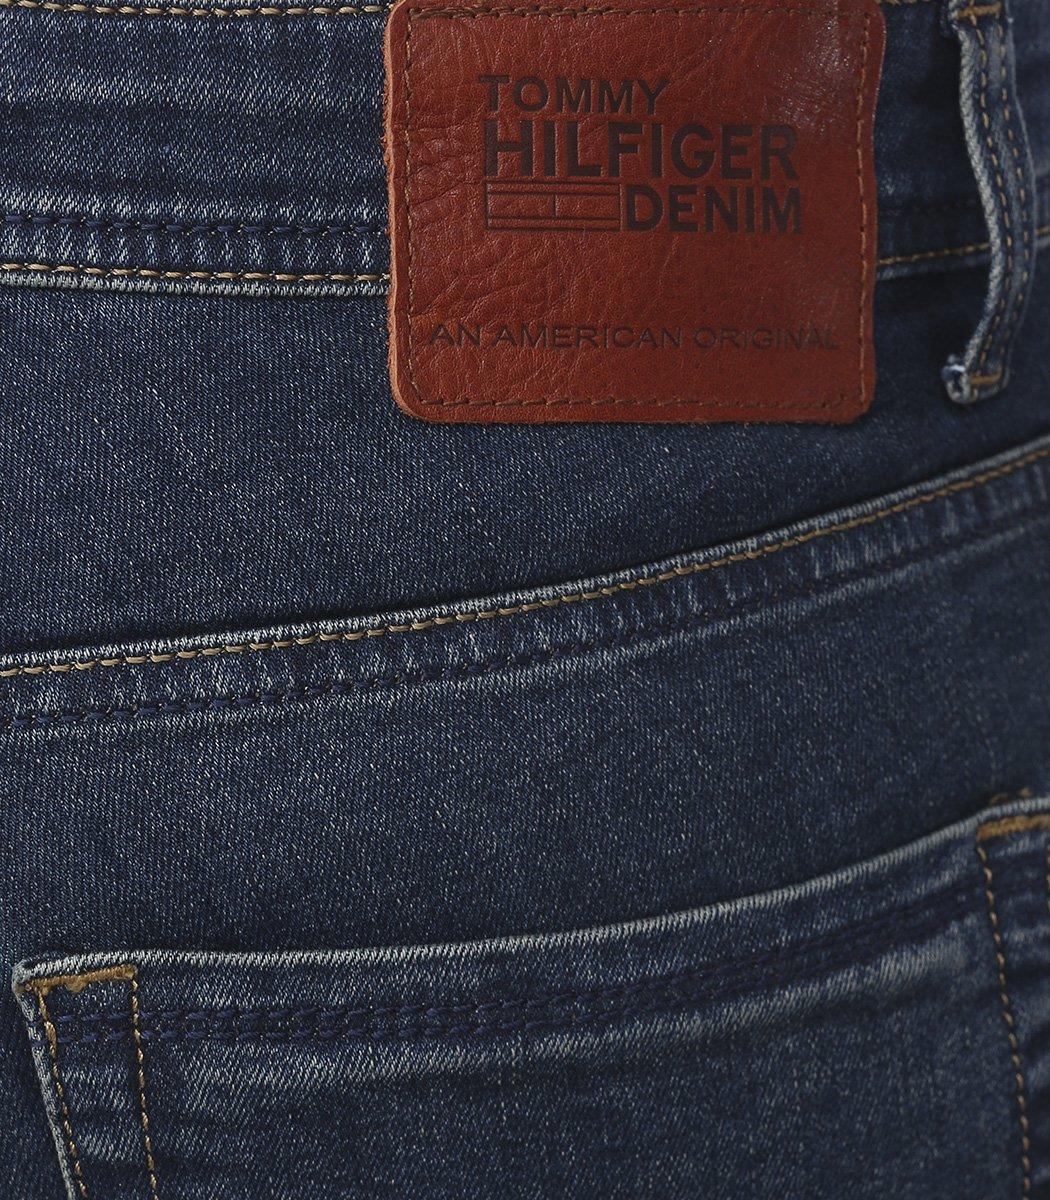 Темно-синие джинсы Tommy Hilfiger 968 - Темно-синий - Вид 5